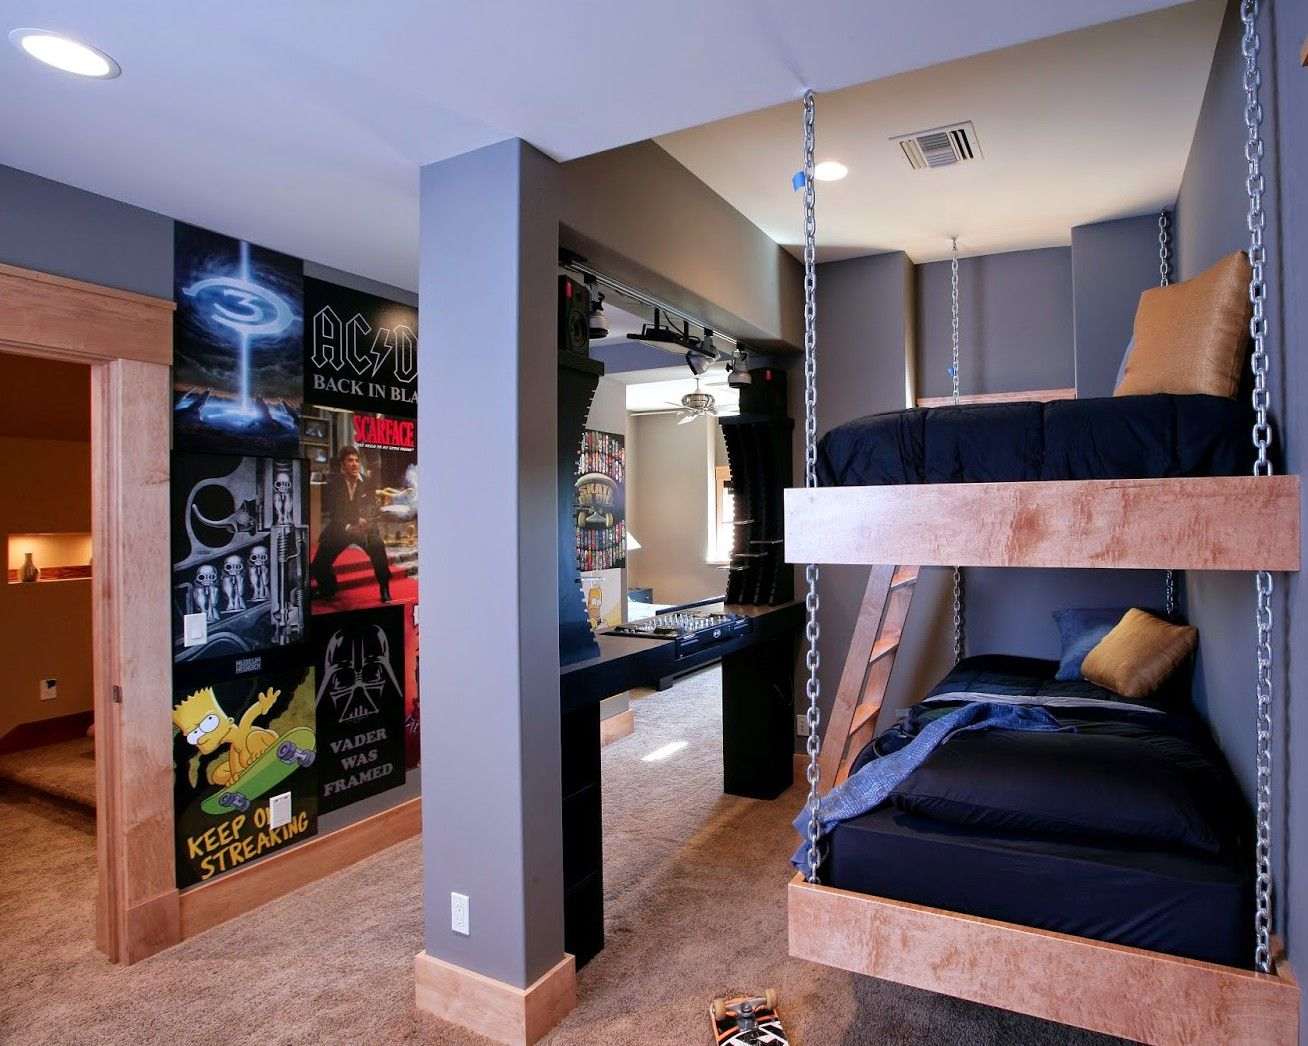 Lovely Coole Dekoration Schlafzimmer Ideen Jugend #7: Coole Zimmer Ideen Für Jugendliche